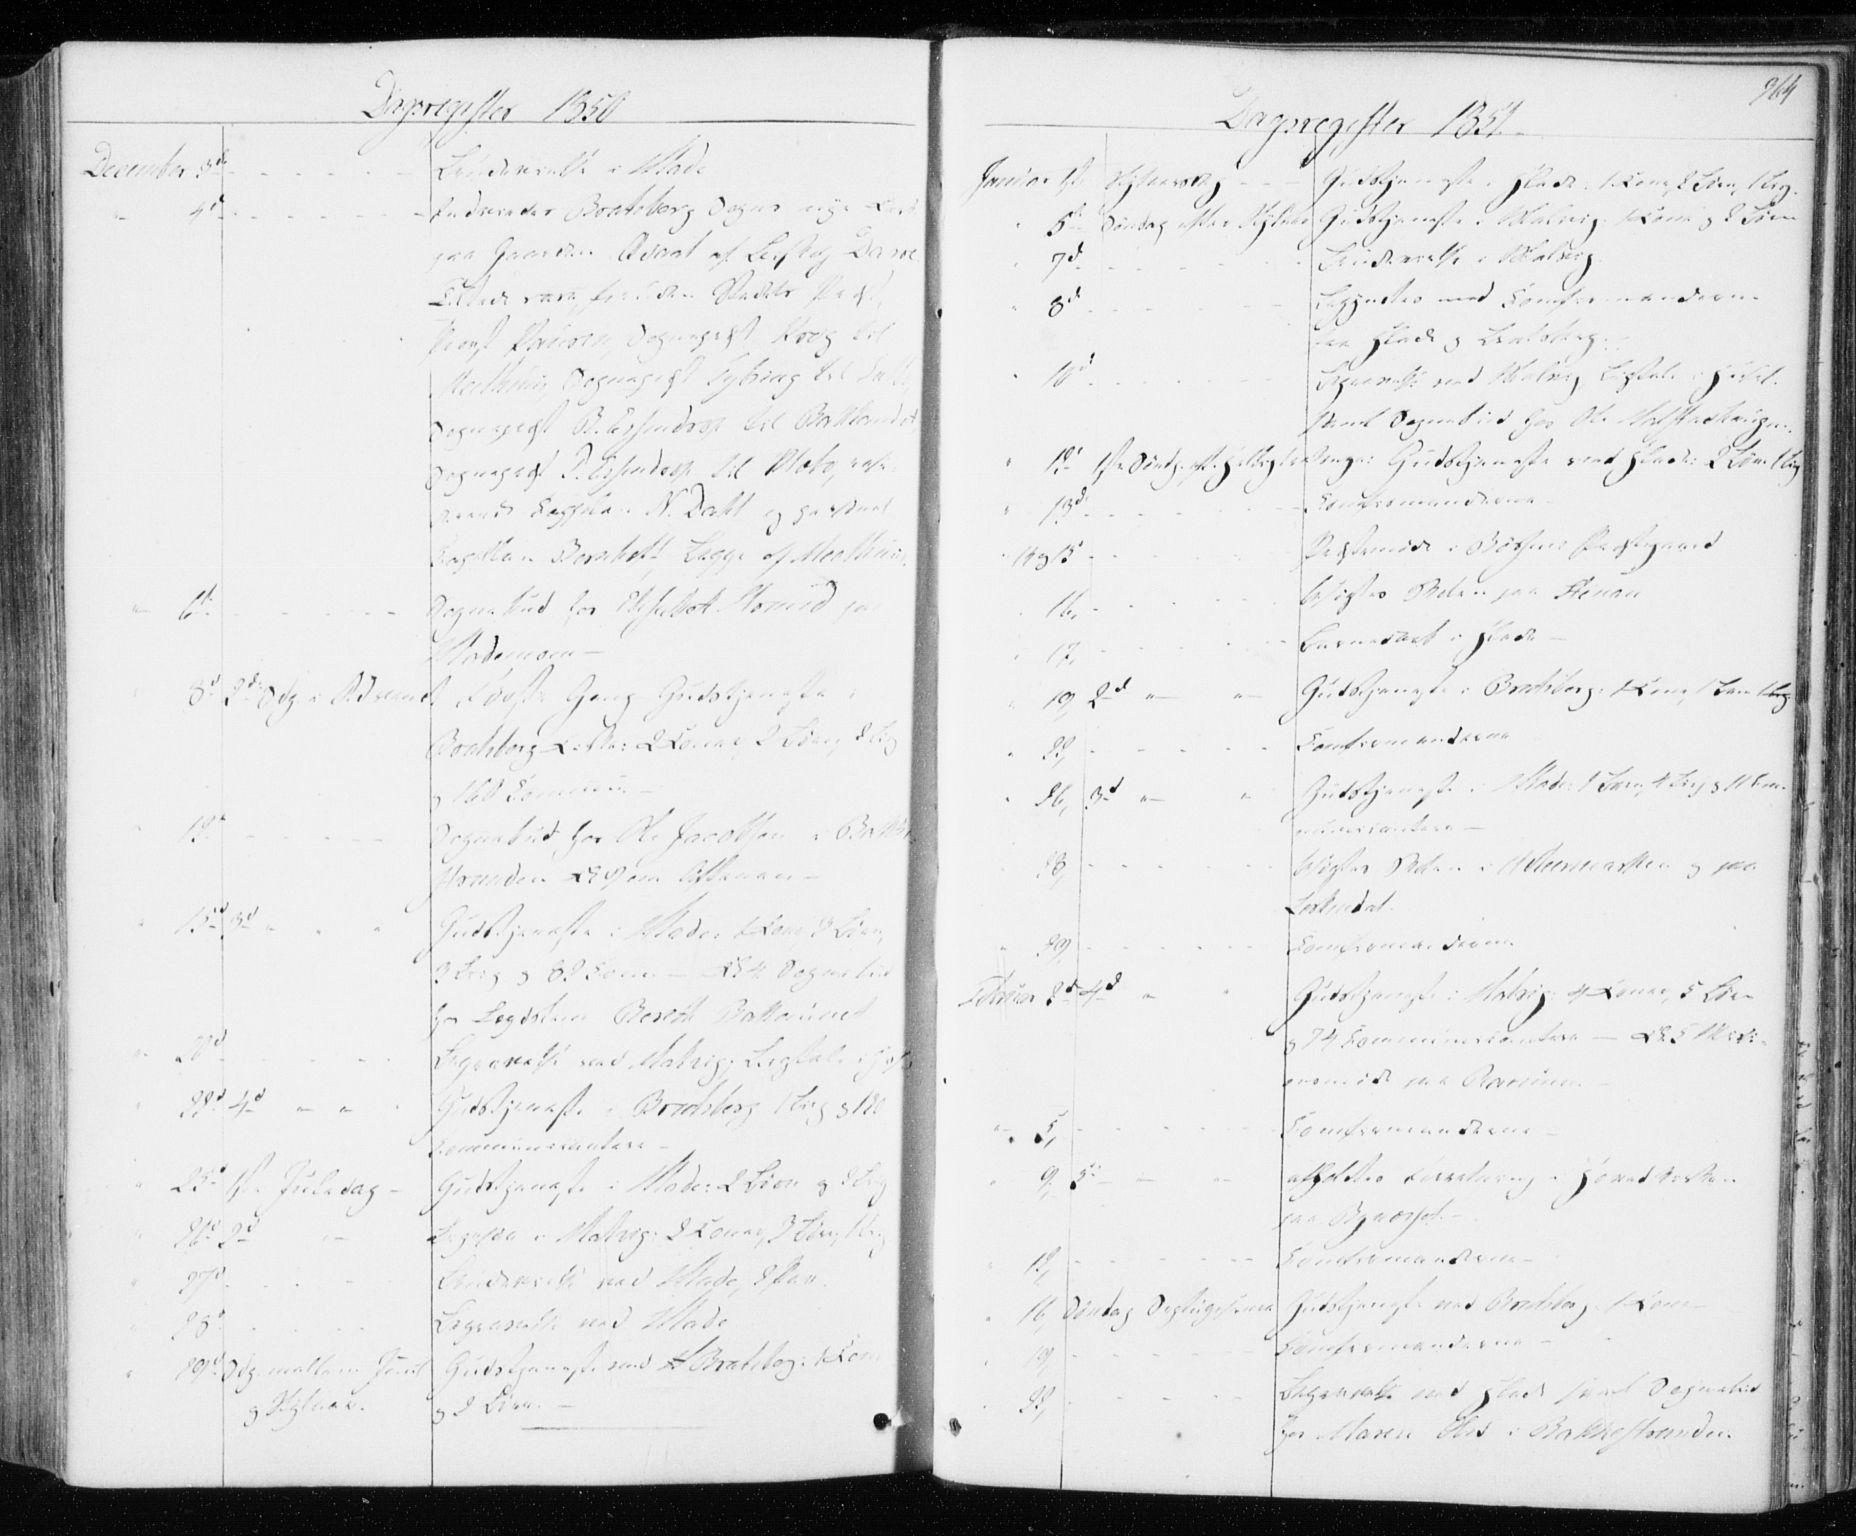 SAT, Ministerialprotokoller, klokkerbøker og fødselsregistre - Sør-Trøndelag, 606/L0291: Ministerialbok nr. 606A06, 1848-1856, s. 364